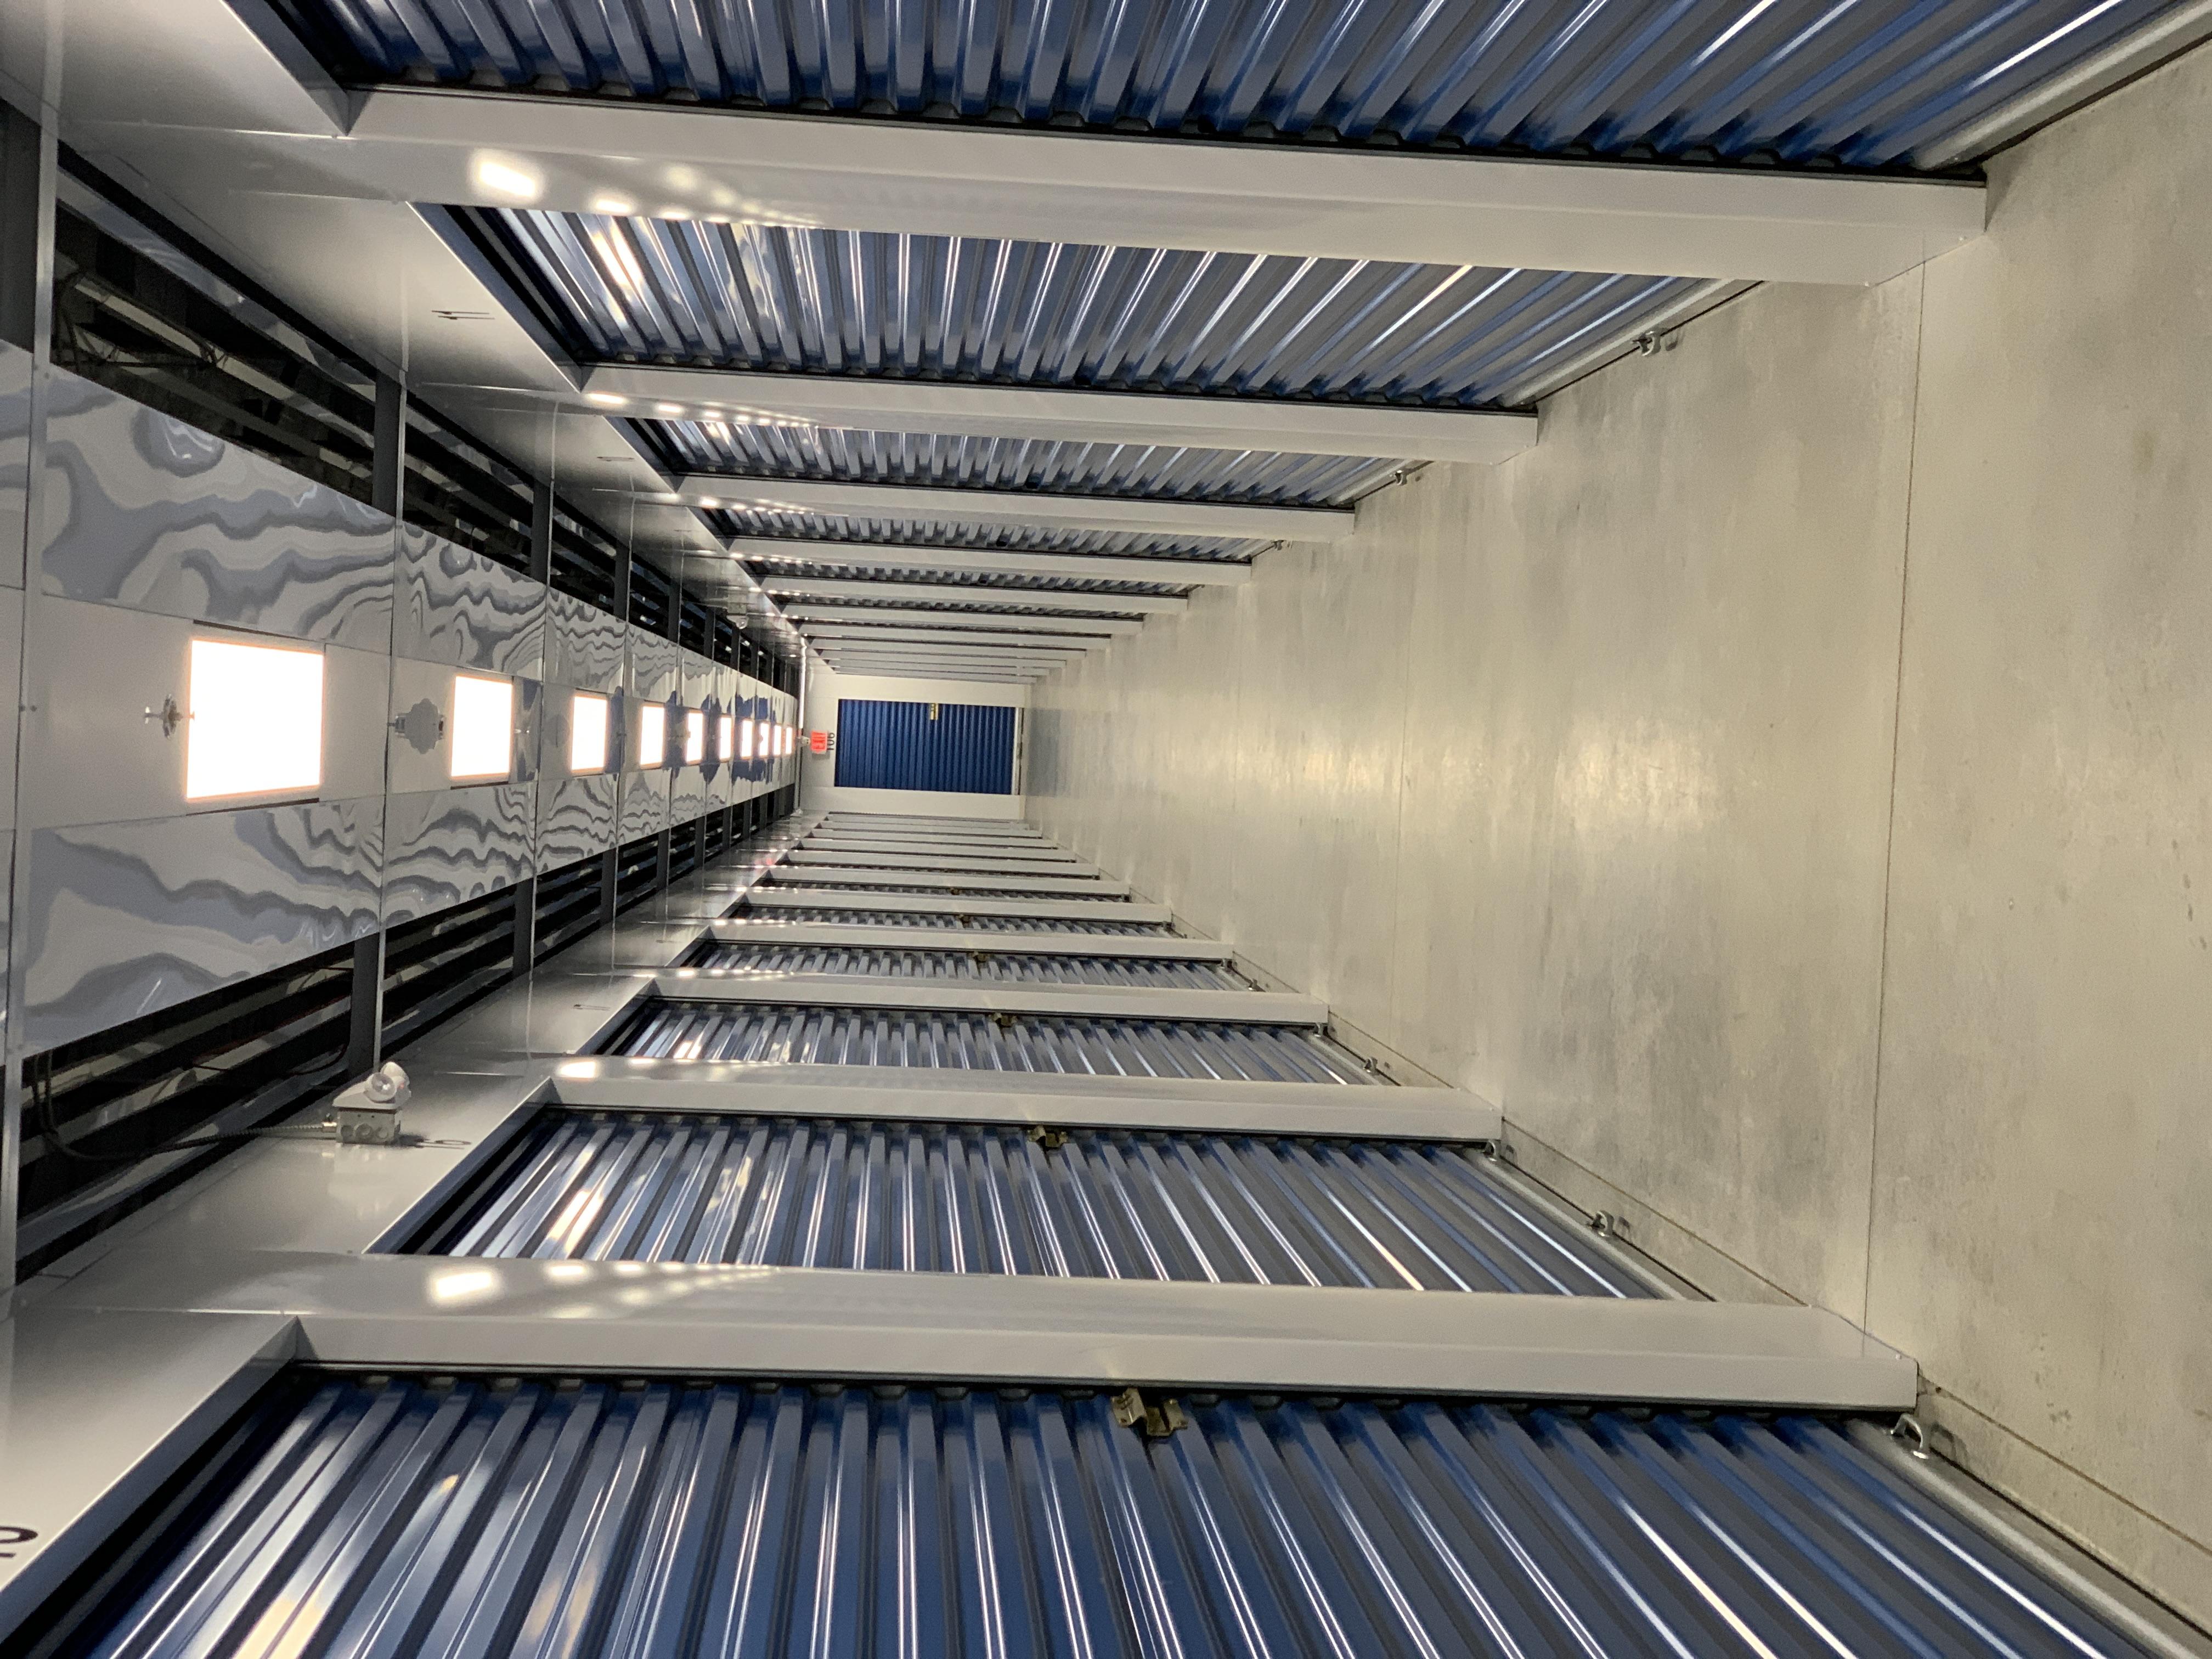 Indoor Storage in East Lyme, CT